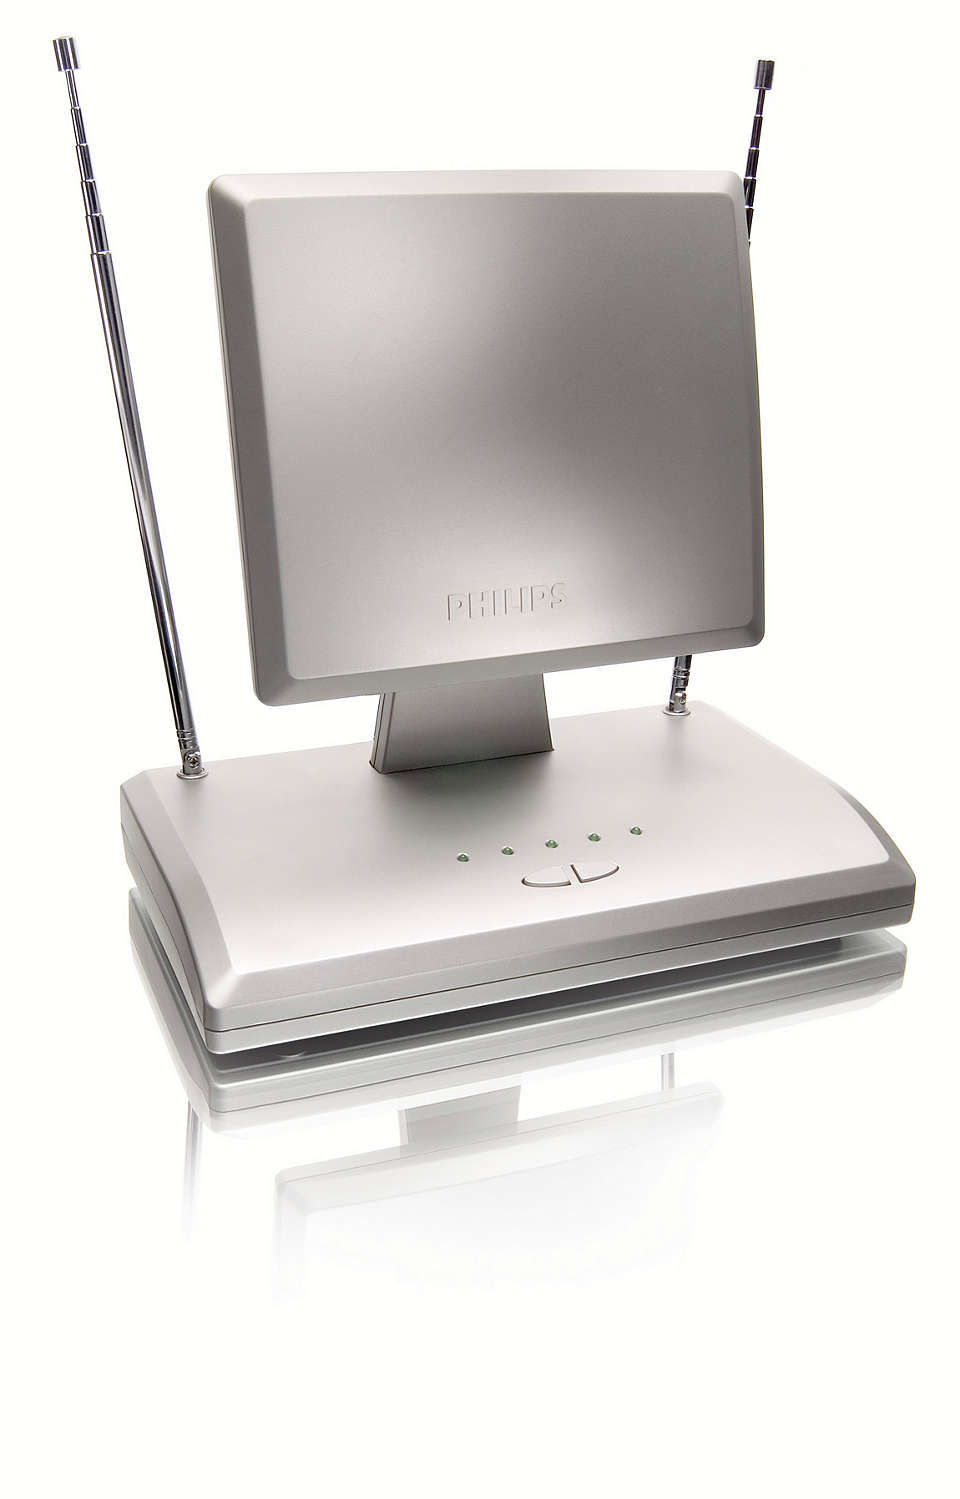 Empfang von digitalen TV- und FM-Signalen